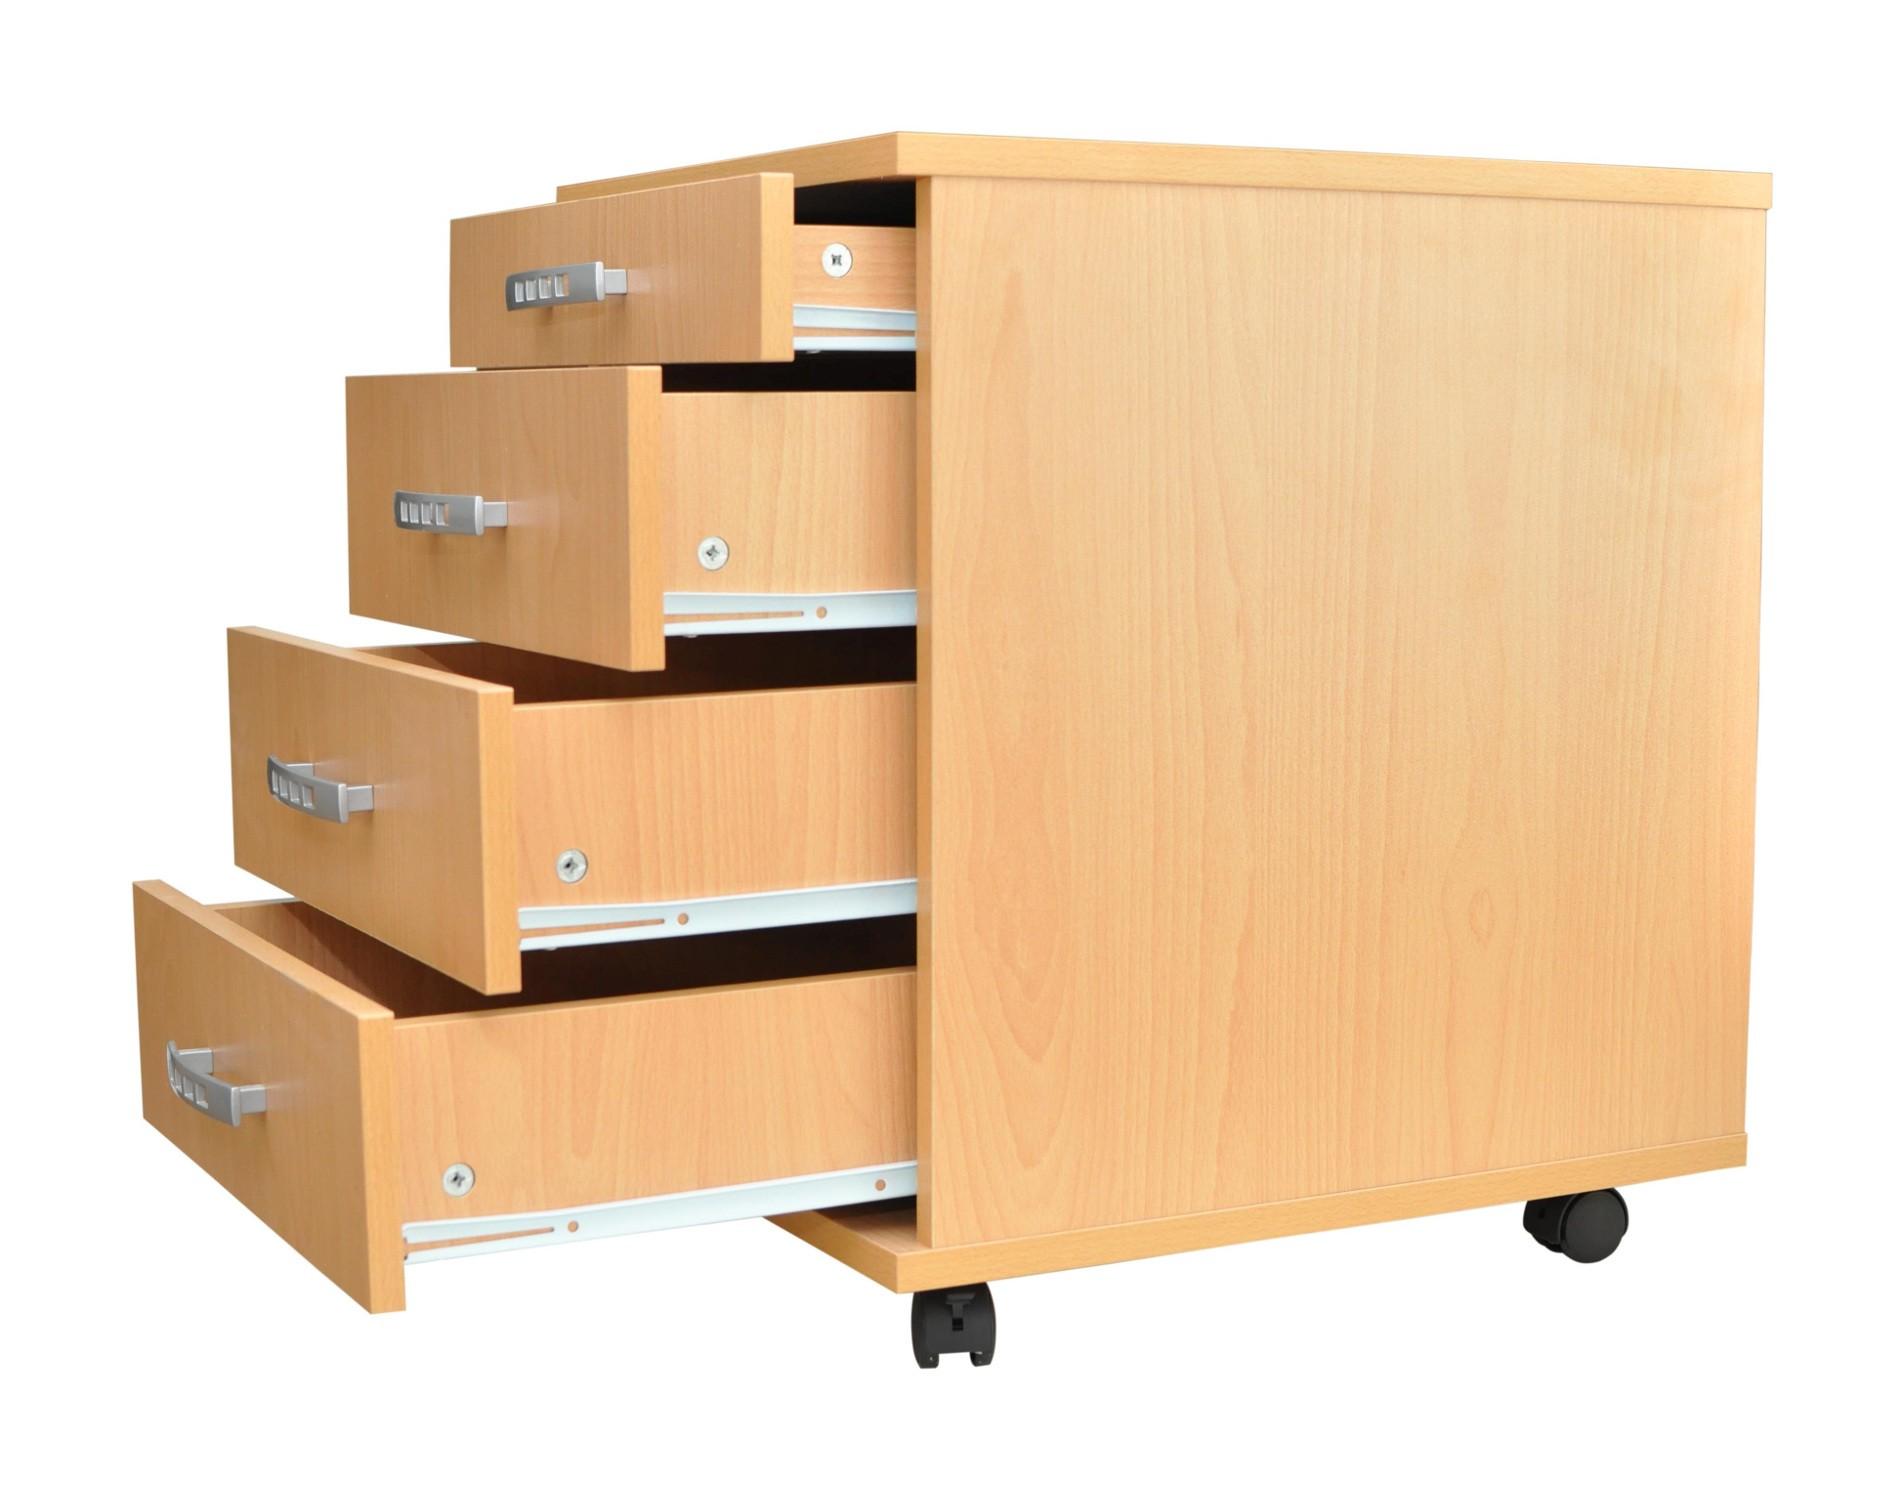 neu schreibtisch rollcontainer ravenna rollwagen schrank. Black Bedroom Furniture Sets. Home Design Ideas